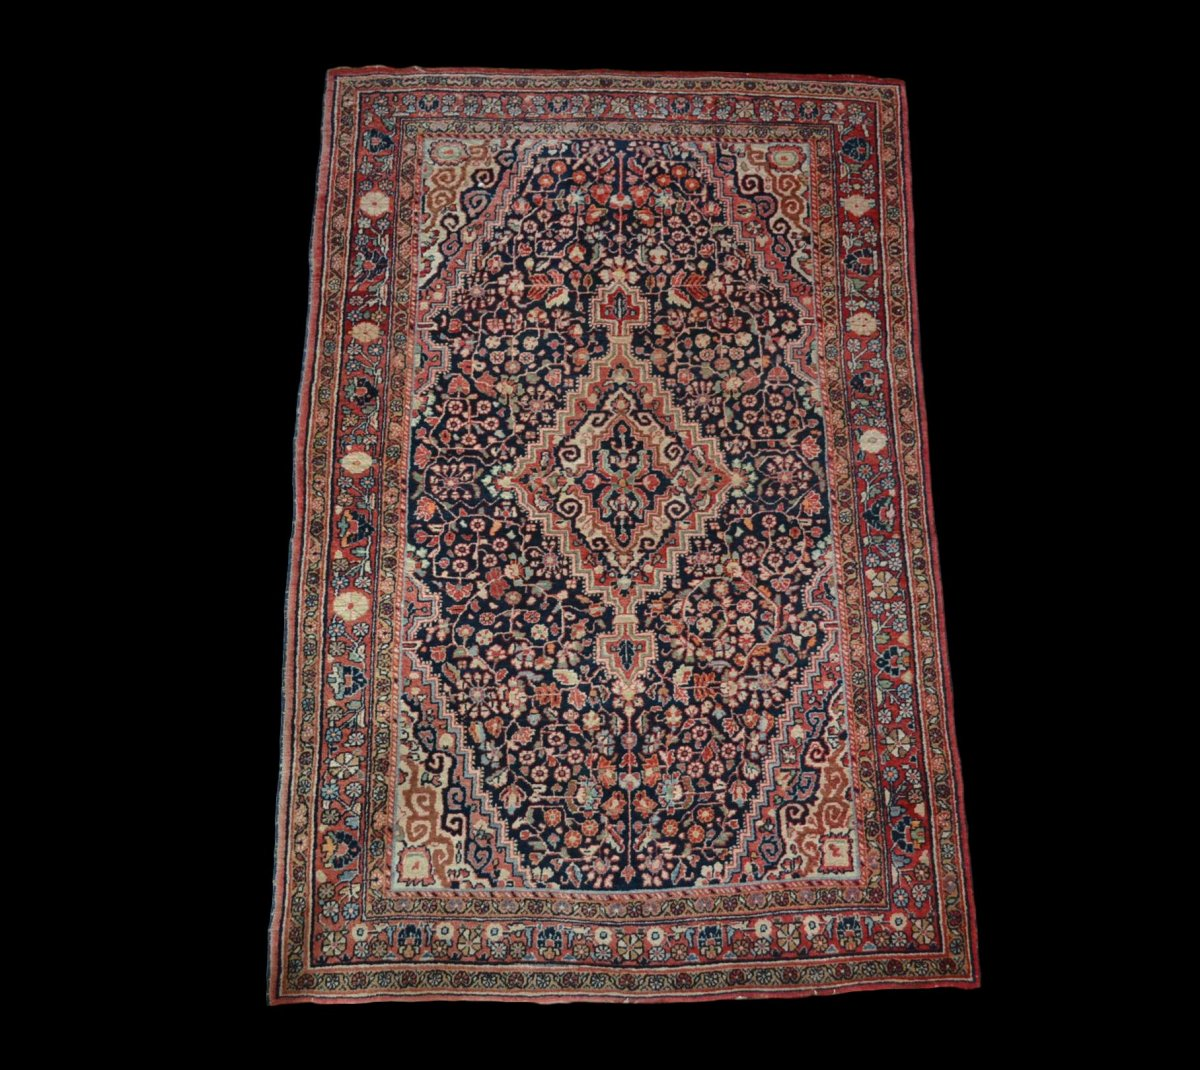 Tapis Persan Mahal ancien, Iran, 135 cm x 212 cm, Laine nouée main, Milieu du XXème, vers 1950